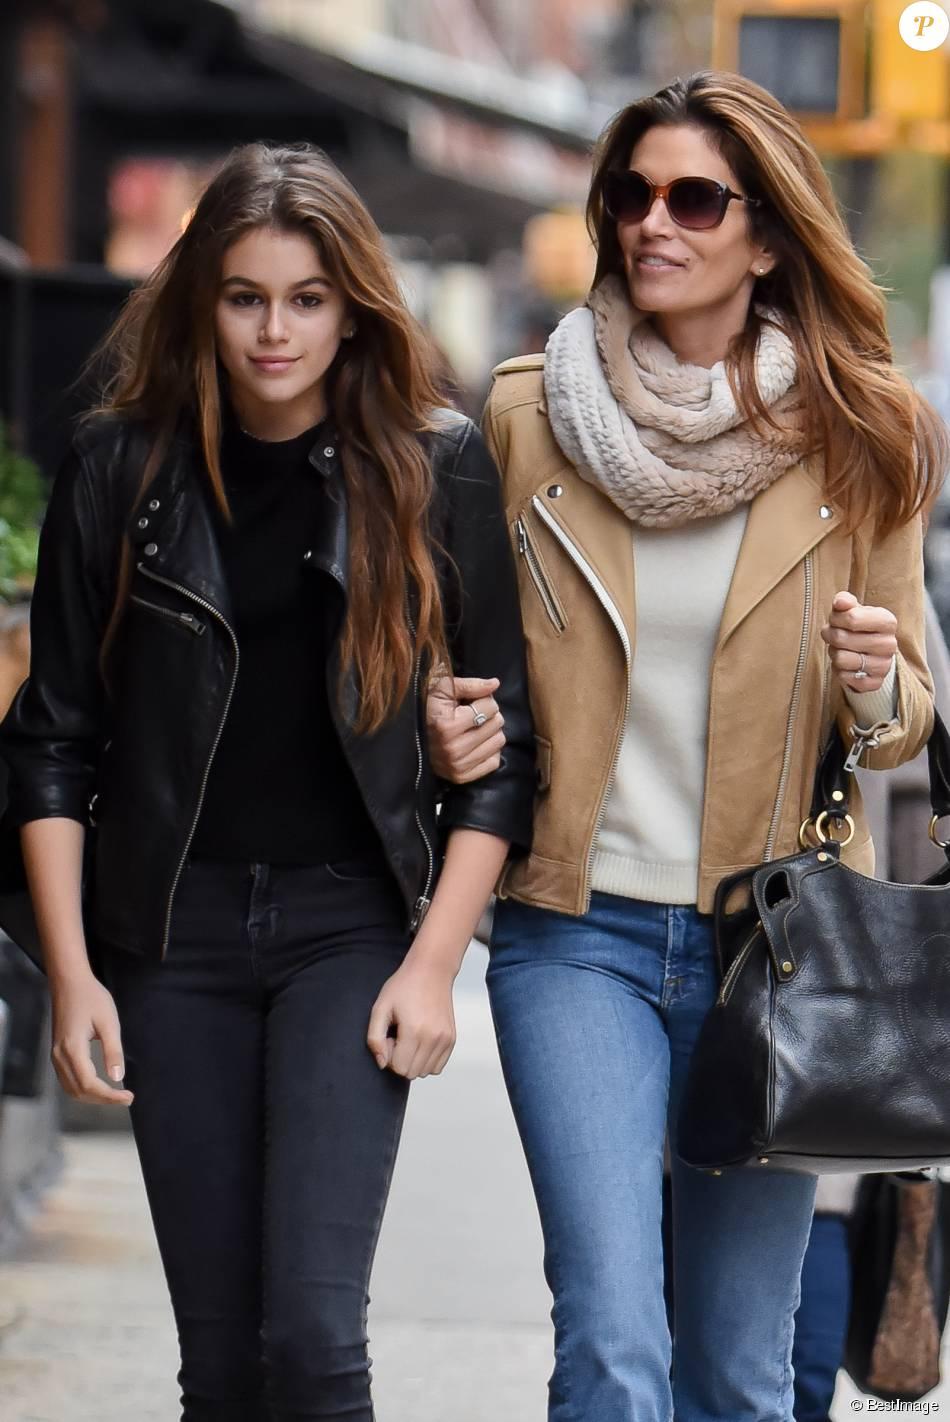 Exclusif - Cindy Crawford se promène avec sa fille Kaia Jordan Gerber dans les rues de New York. Le 22 novembre 2015